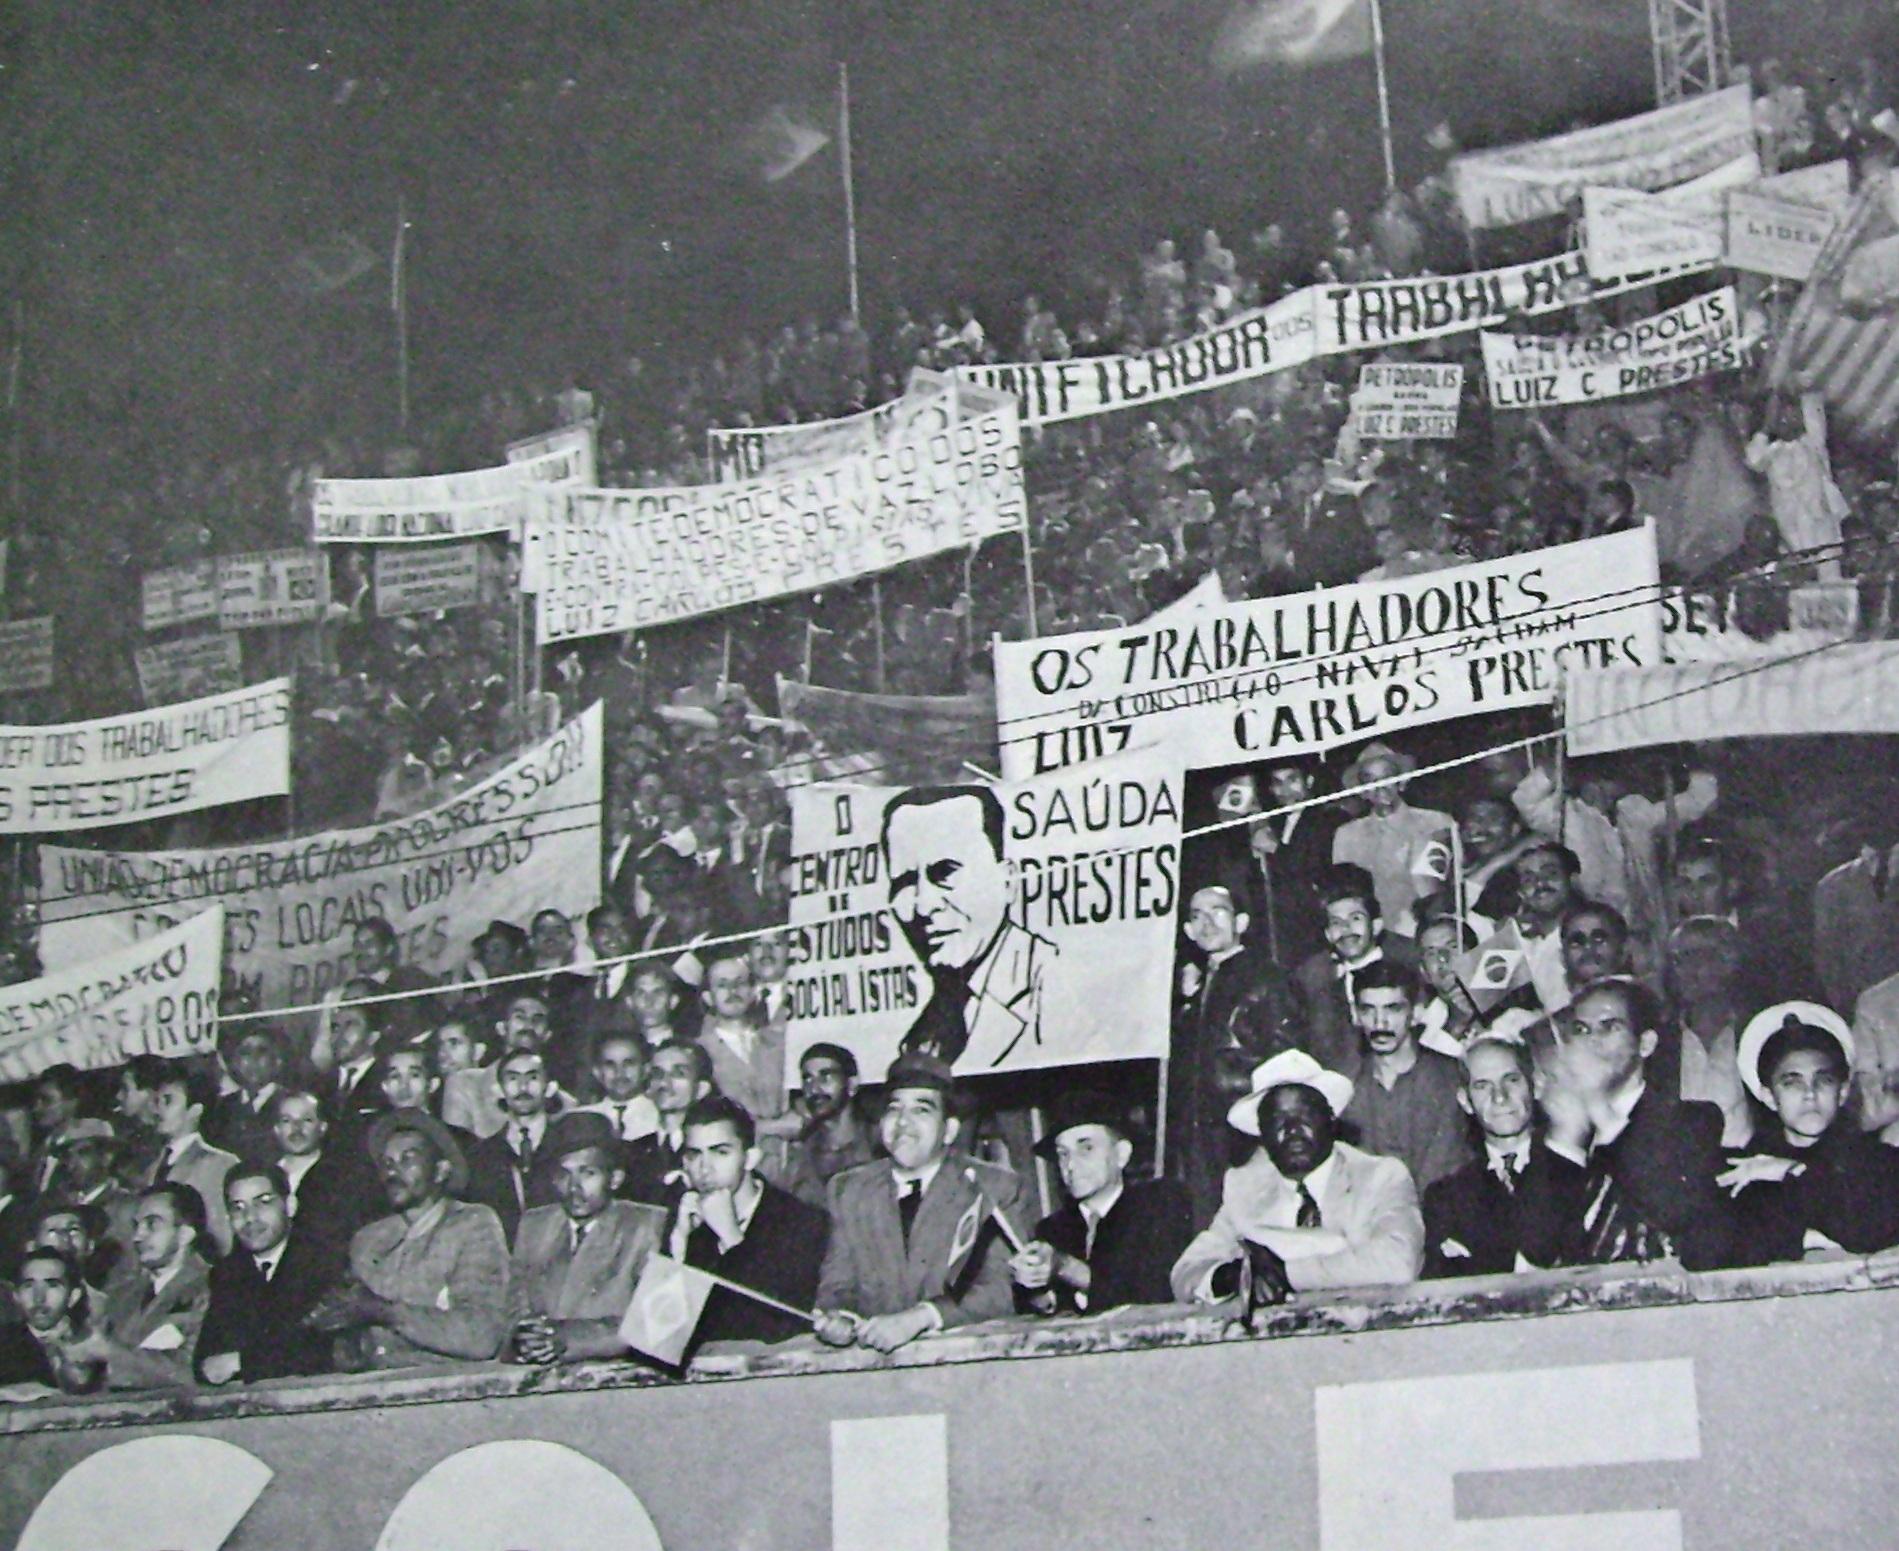 Comício organizado pelo PCB em São Januário em 23 de maio de 1945